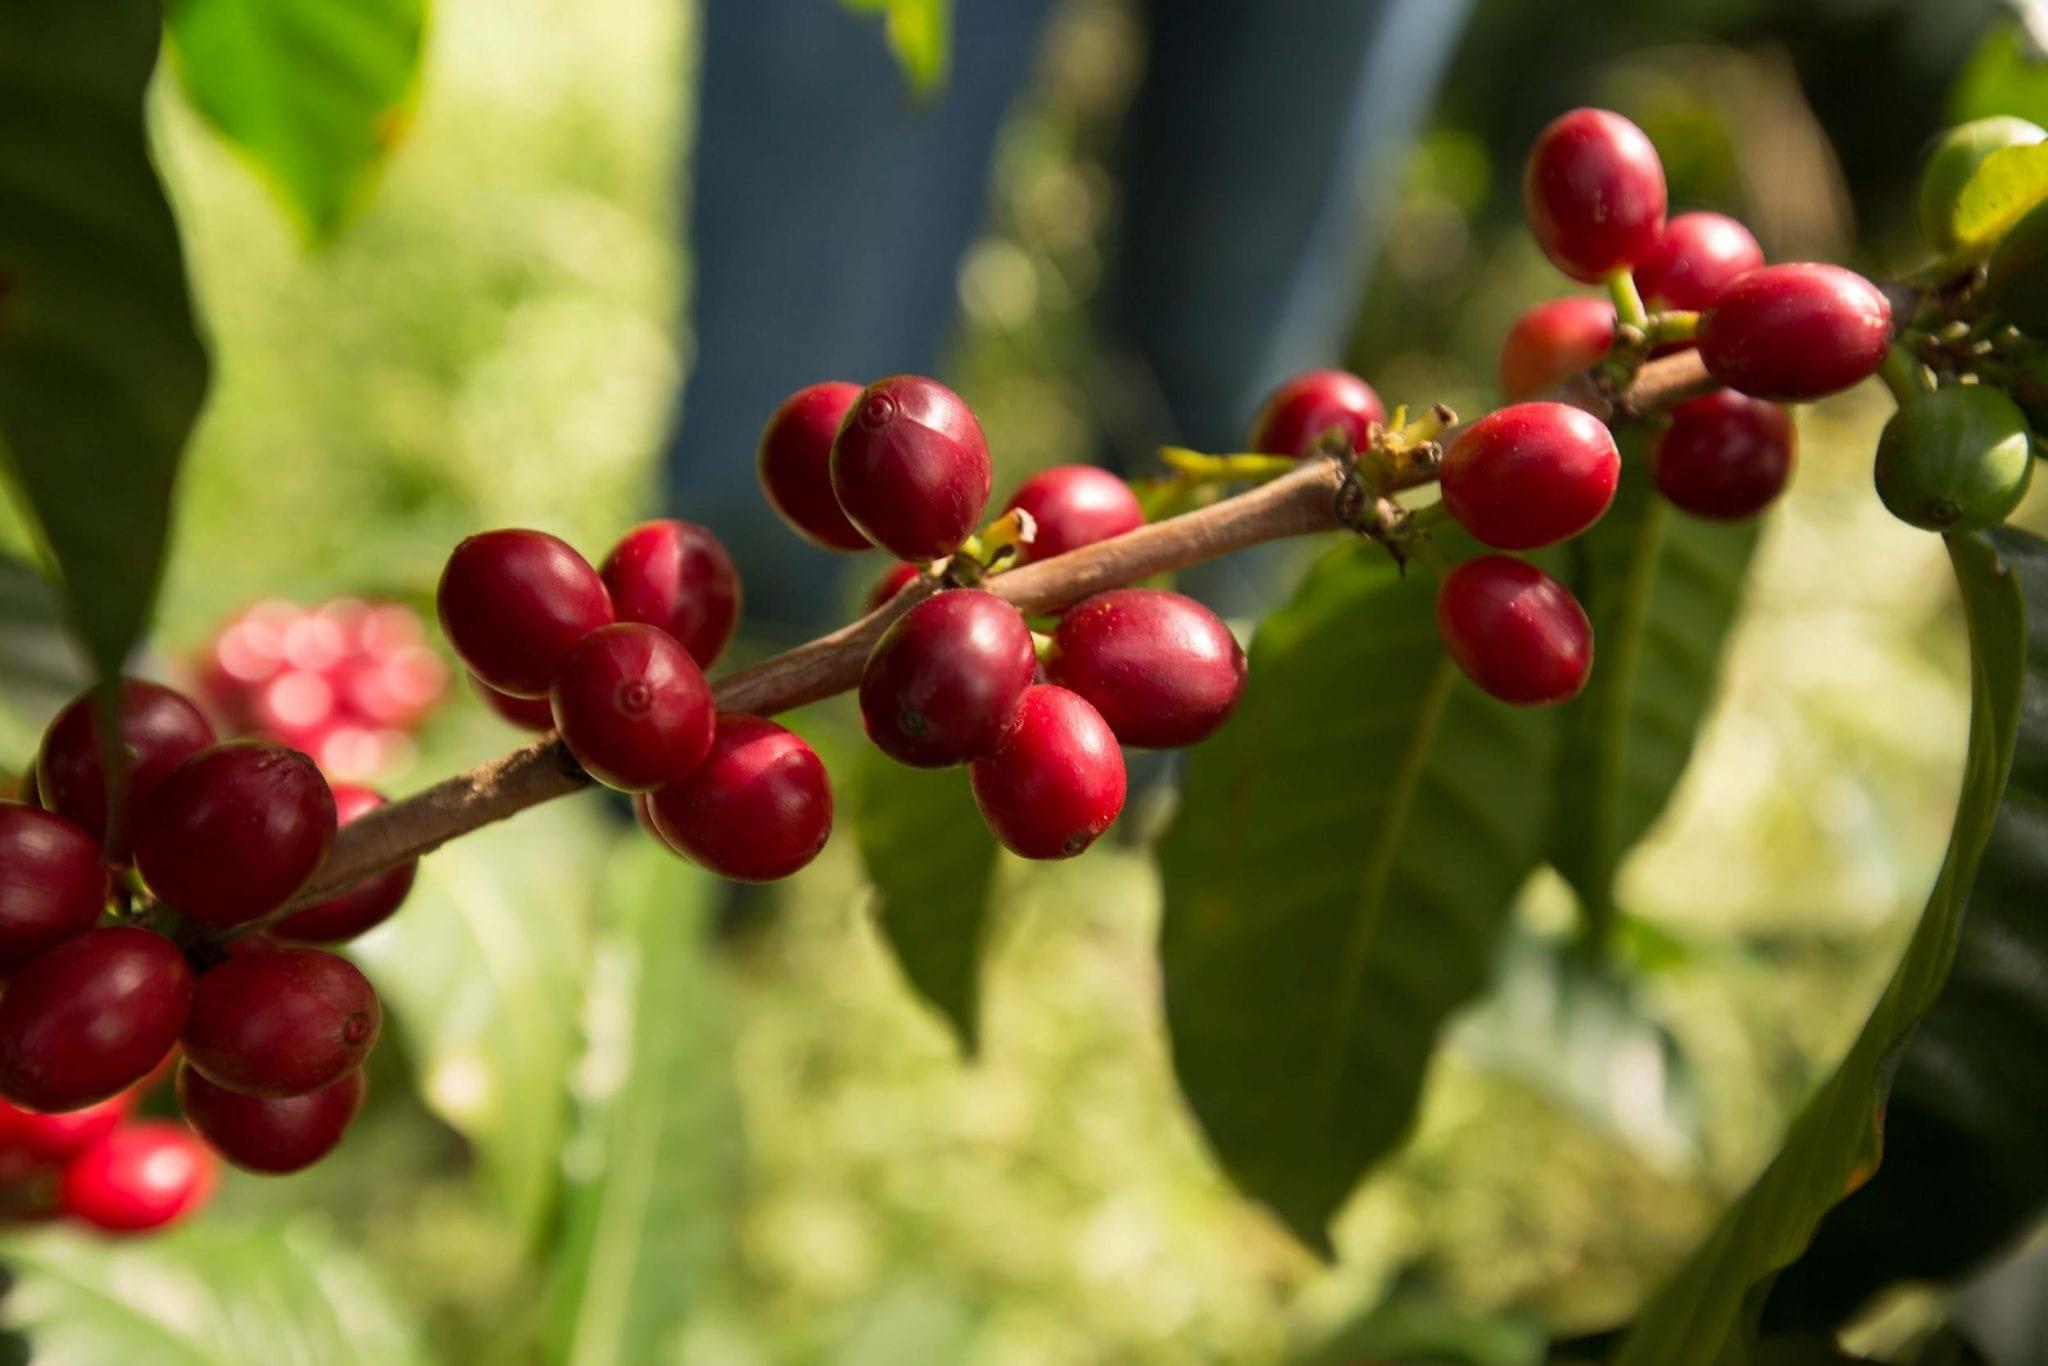 cerezas de cafe maduras listas para recoleccion